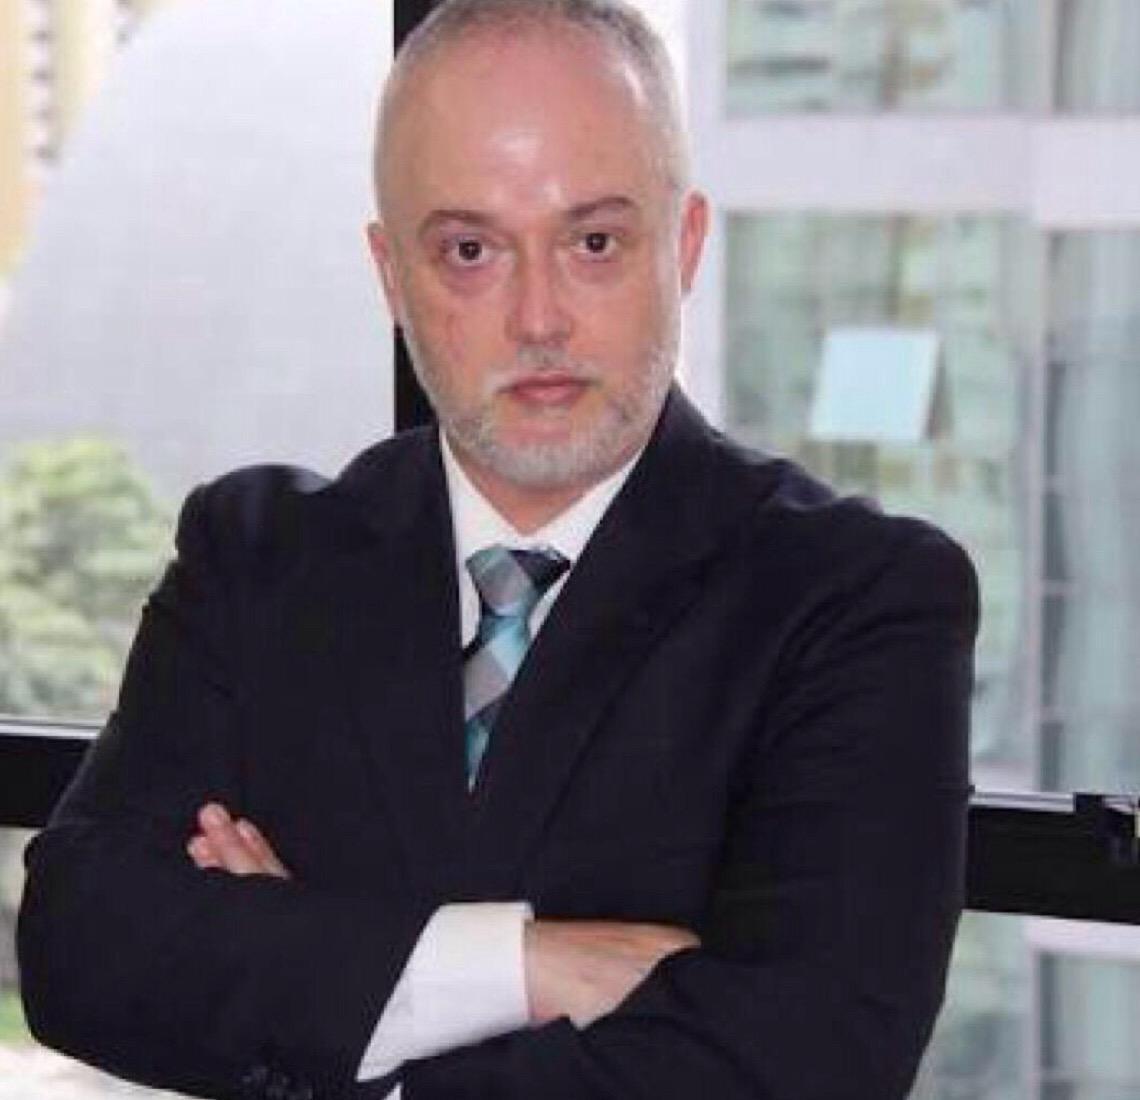 Jair Bolsonaro tenta 'subordinar' MPF e PF, diz ex-procurador da Força Tarefa da Lava Jato